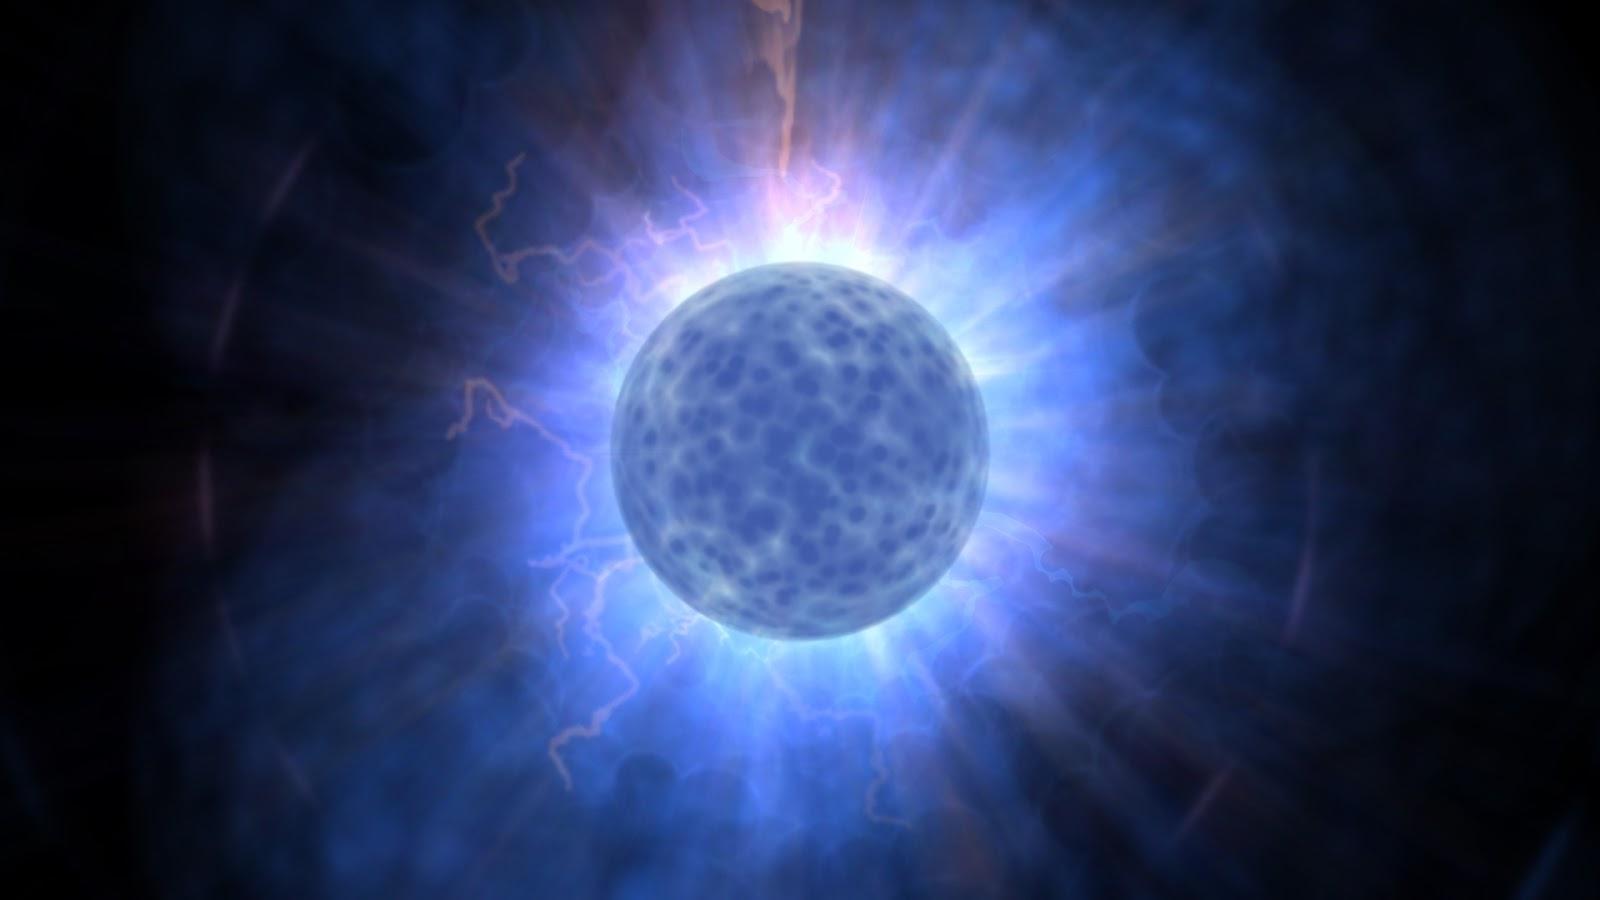 energy2 - Transmutación : Como influye tu energía en la materia.